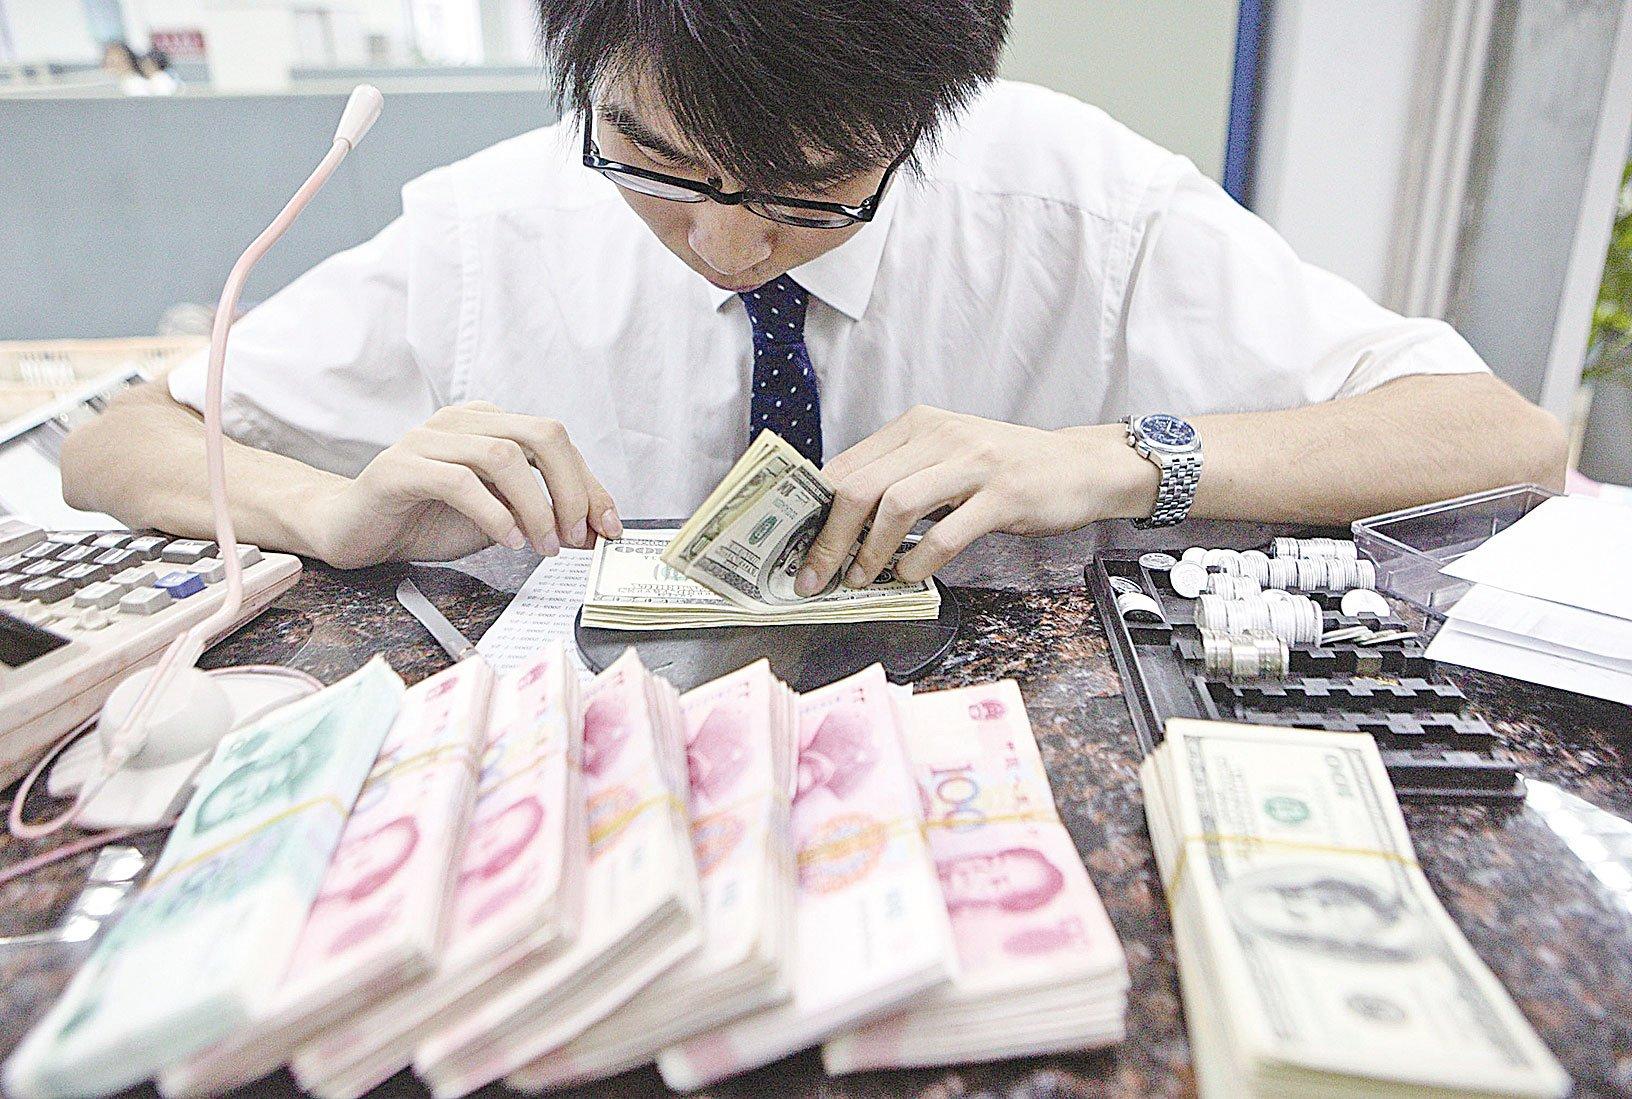 由於中國經濟對外高度依賴,被迫市場化的領域越來越多,但外匯管理體制的非市場化,仍將延續一段時期。(Getty Images)